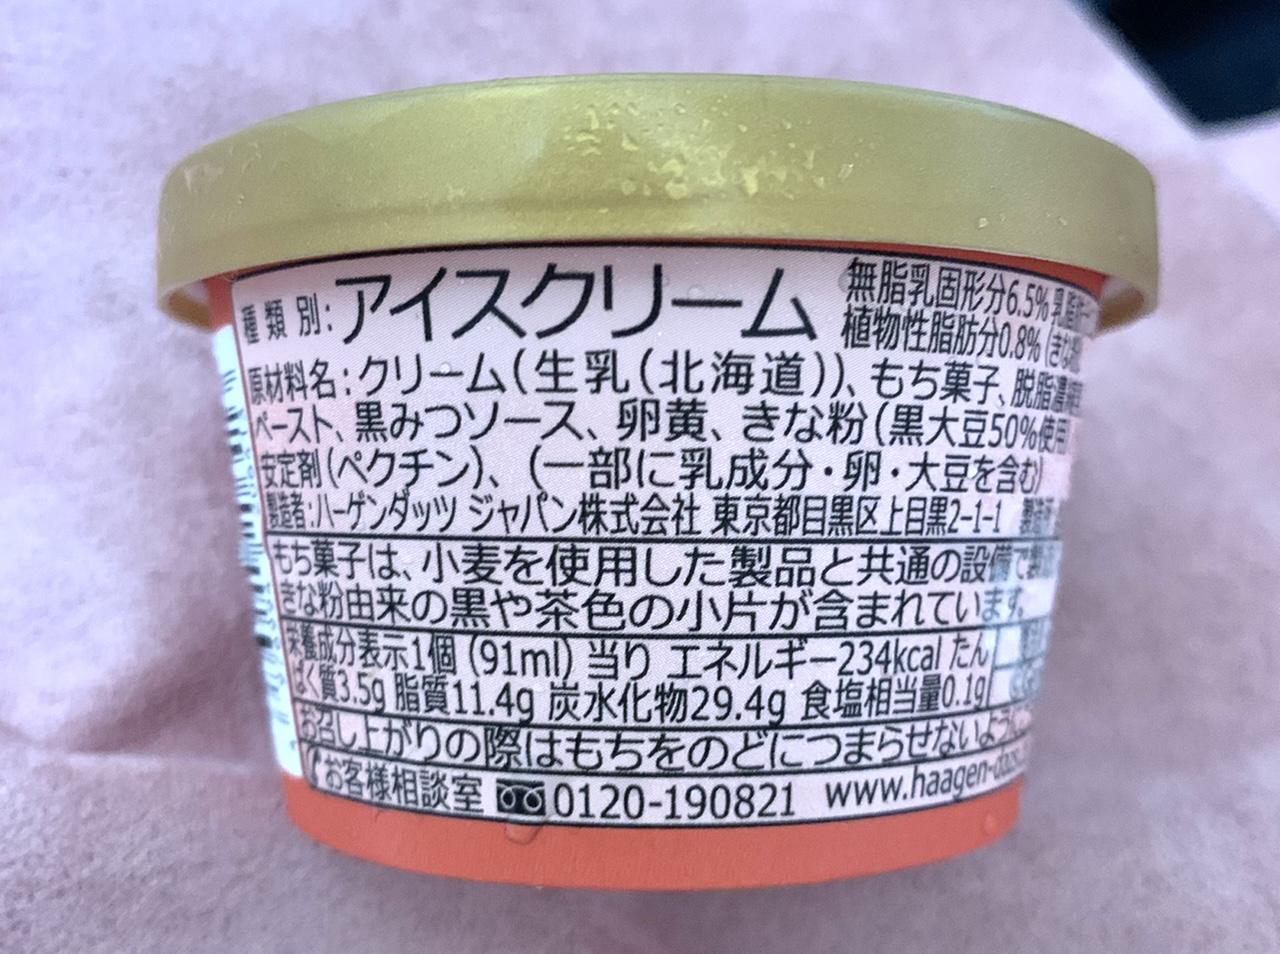 9/14(火)発売!ハーゲンダッツ 華もちシリーズ 新作2種レポ♡_4